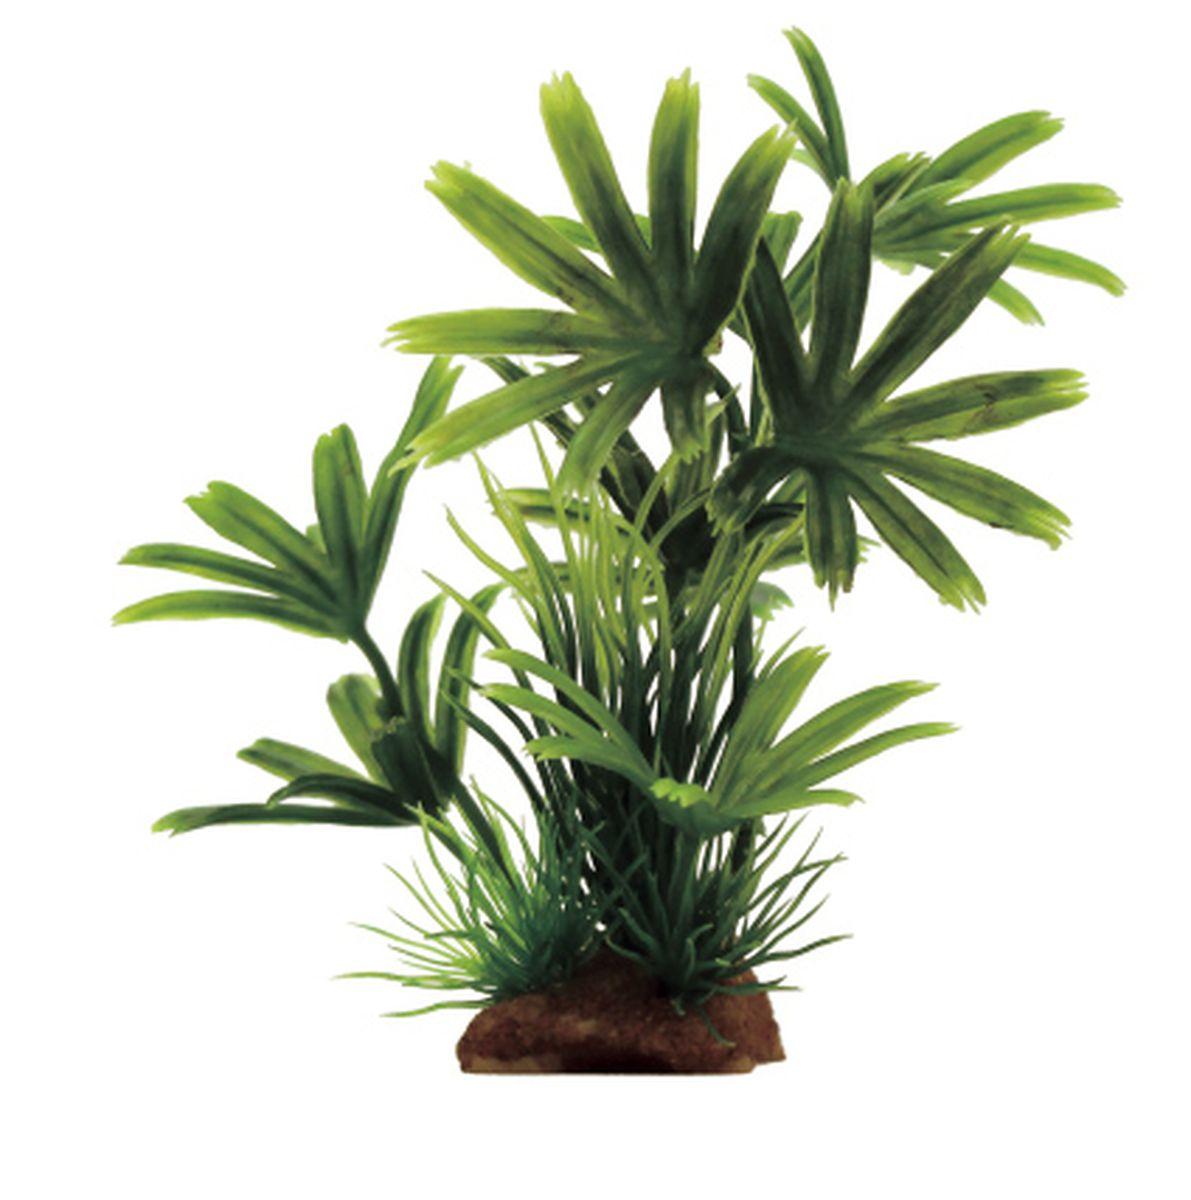 Композиция из растений для аквариума ArtUniq Пальма зеленая, 13 x 5 x 15 см0120710Композиция из искусственных растений ArtUniq превосходно украсит и оживит аквариум.Растения - это важная часть любой композиции, они помогут вдохнуть жизнь в ландшафт любого аквариума или террариума. Композиция является точной копией природного растения.